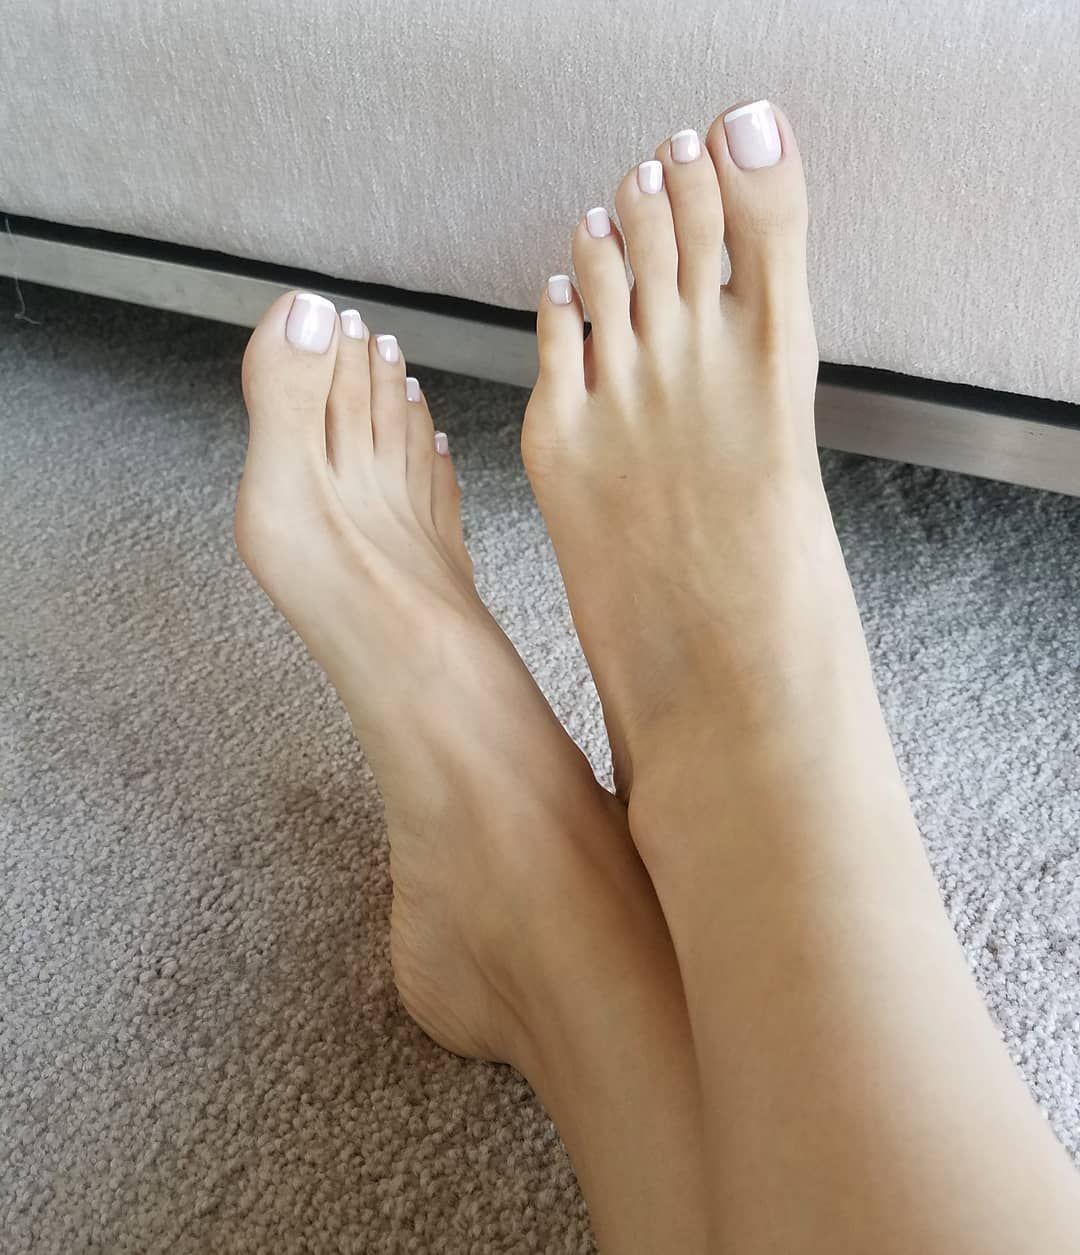 рада ознакомиться женские ступни большого размера фото келли